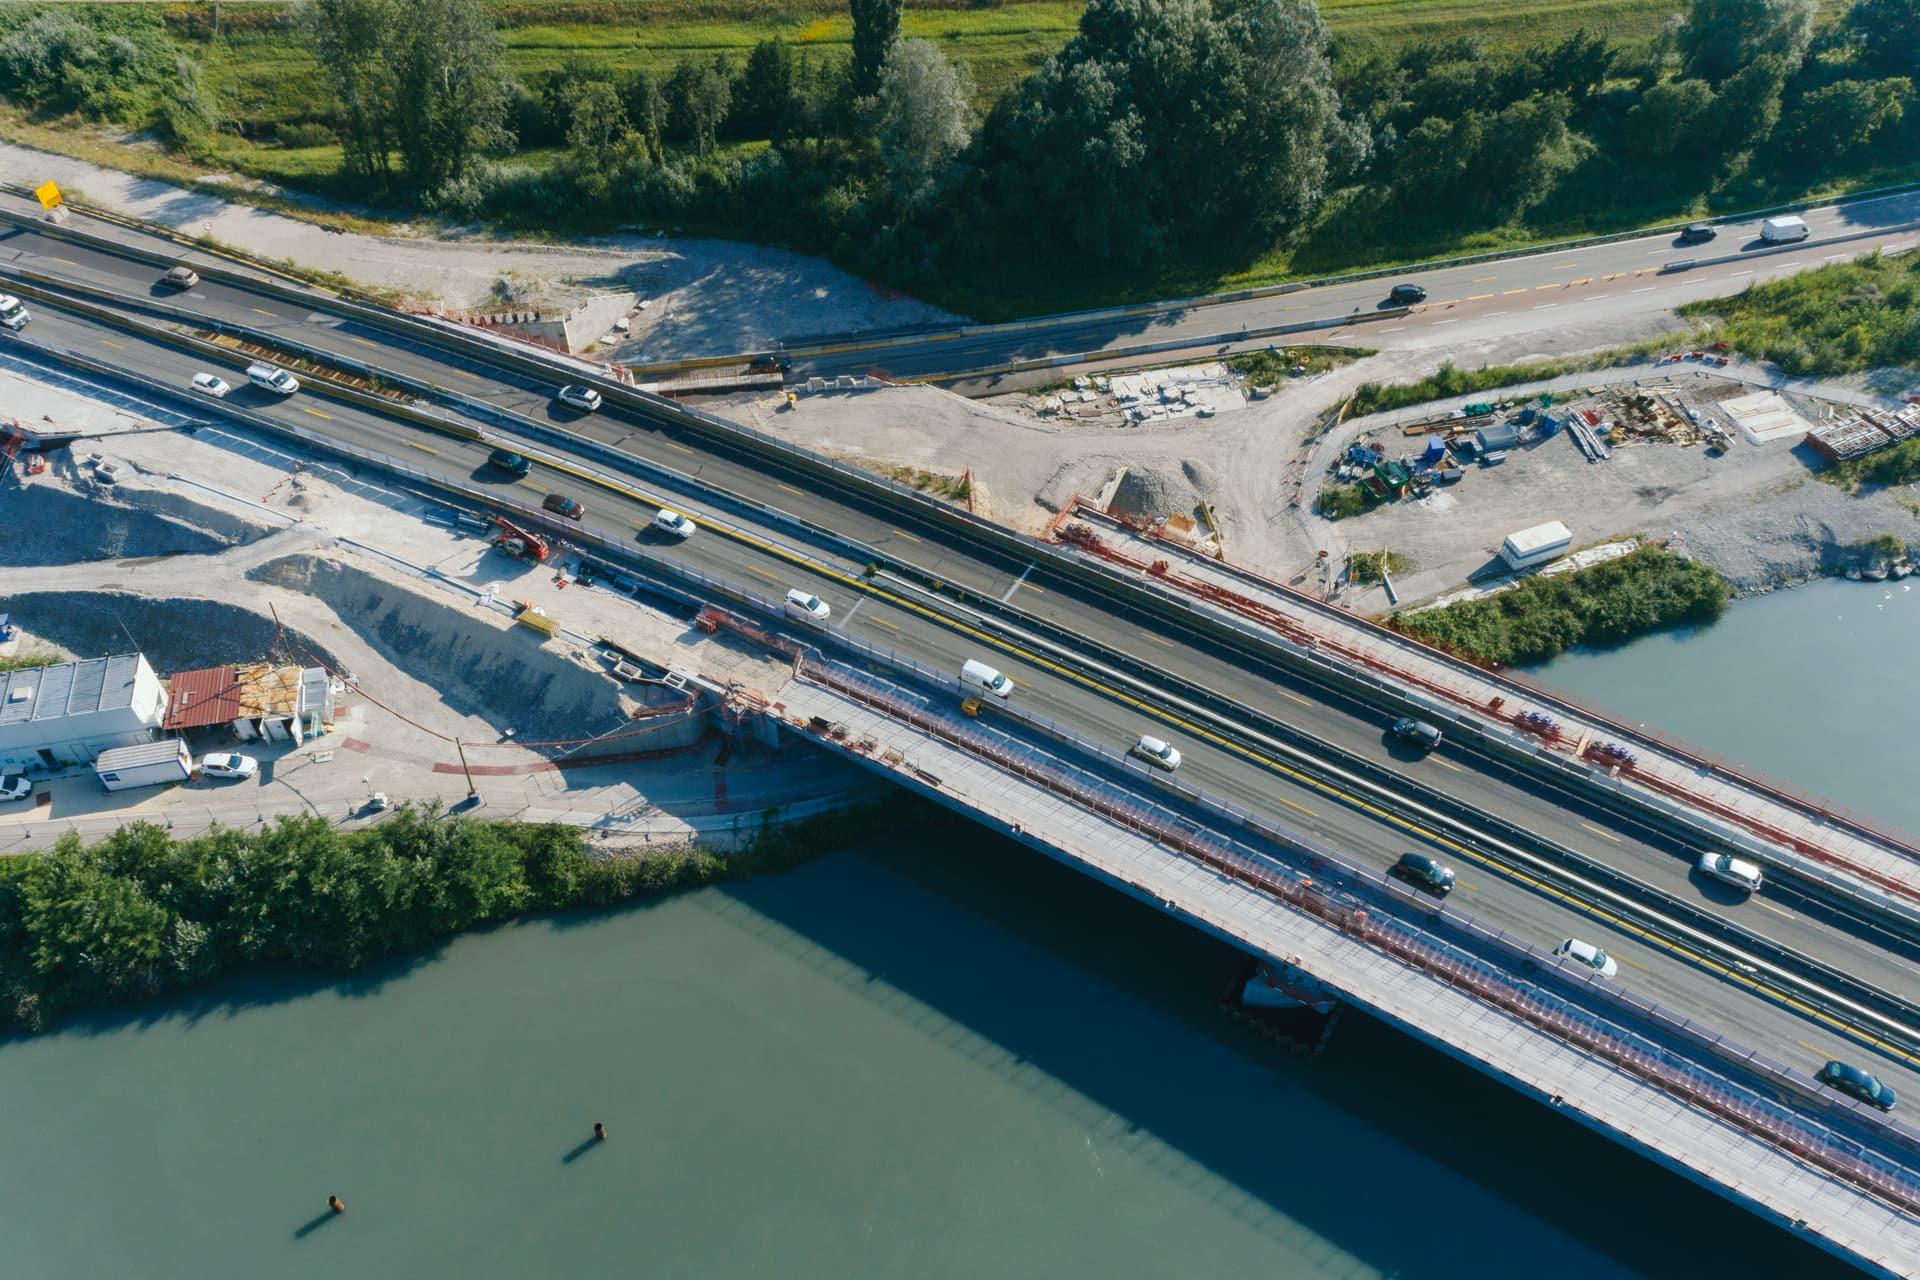 Travaux sur le viaduc de l'Isère portant une tronçon de l'autoroute A480